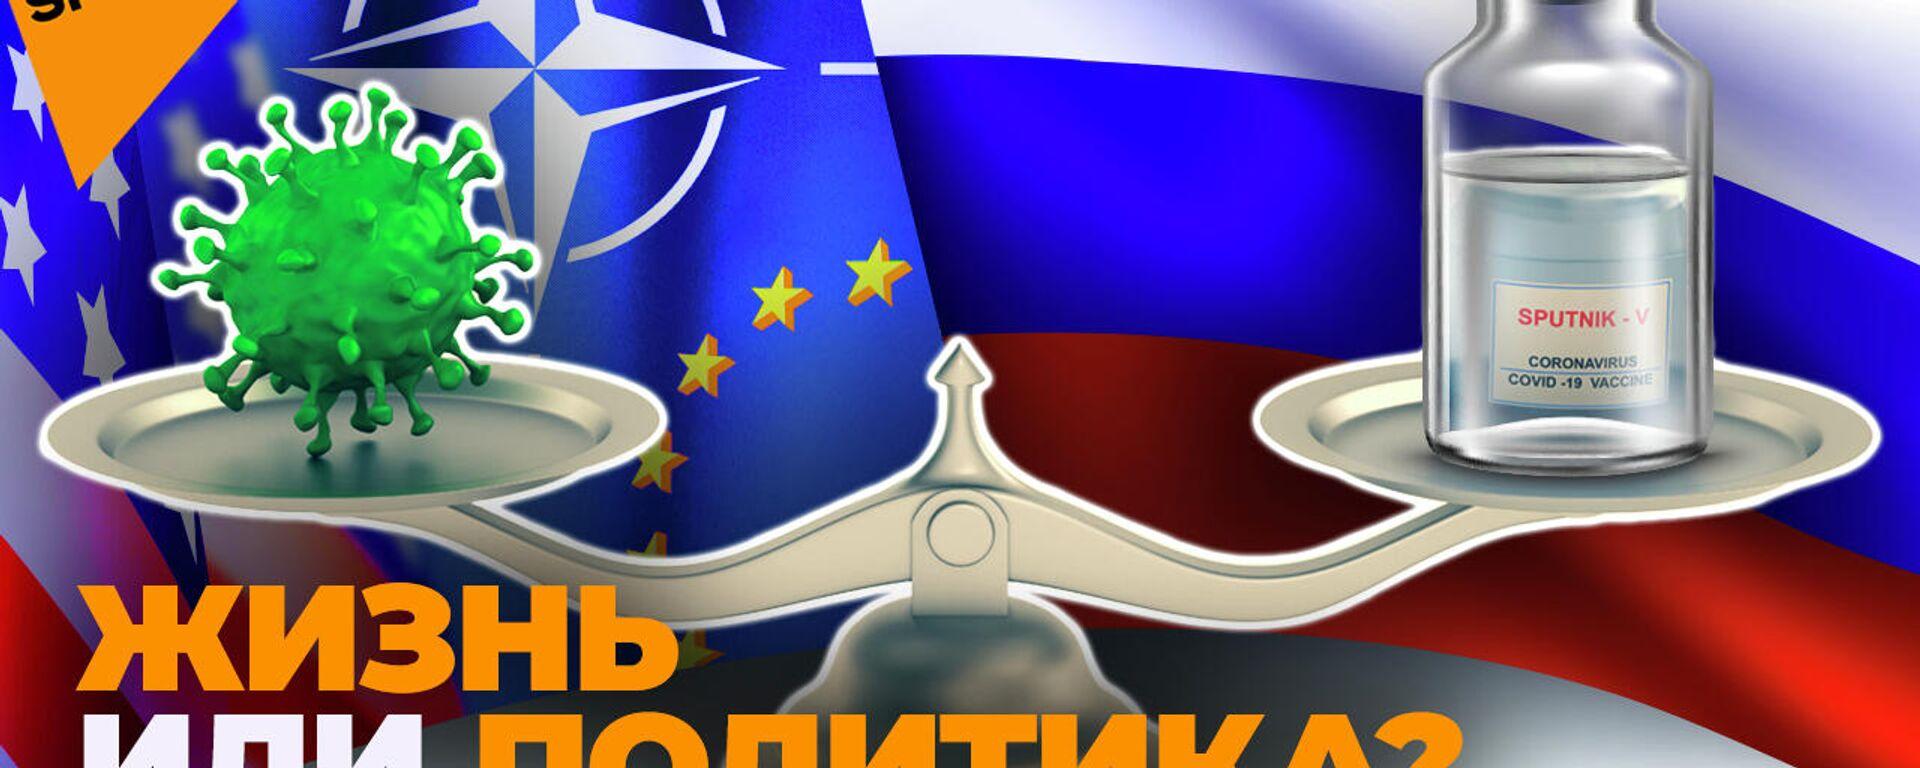 Сторонники США заговорили о закупках российского Спутника V - Sputnik Узбекистан, 1920, 28.04.2021